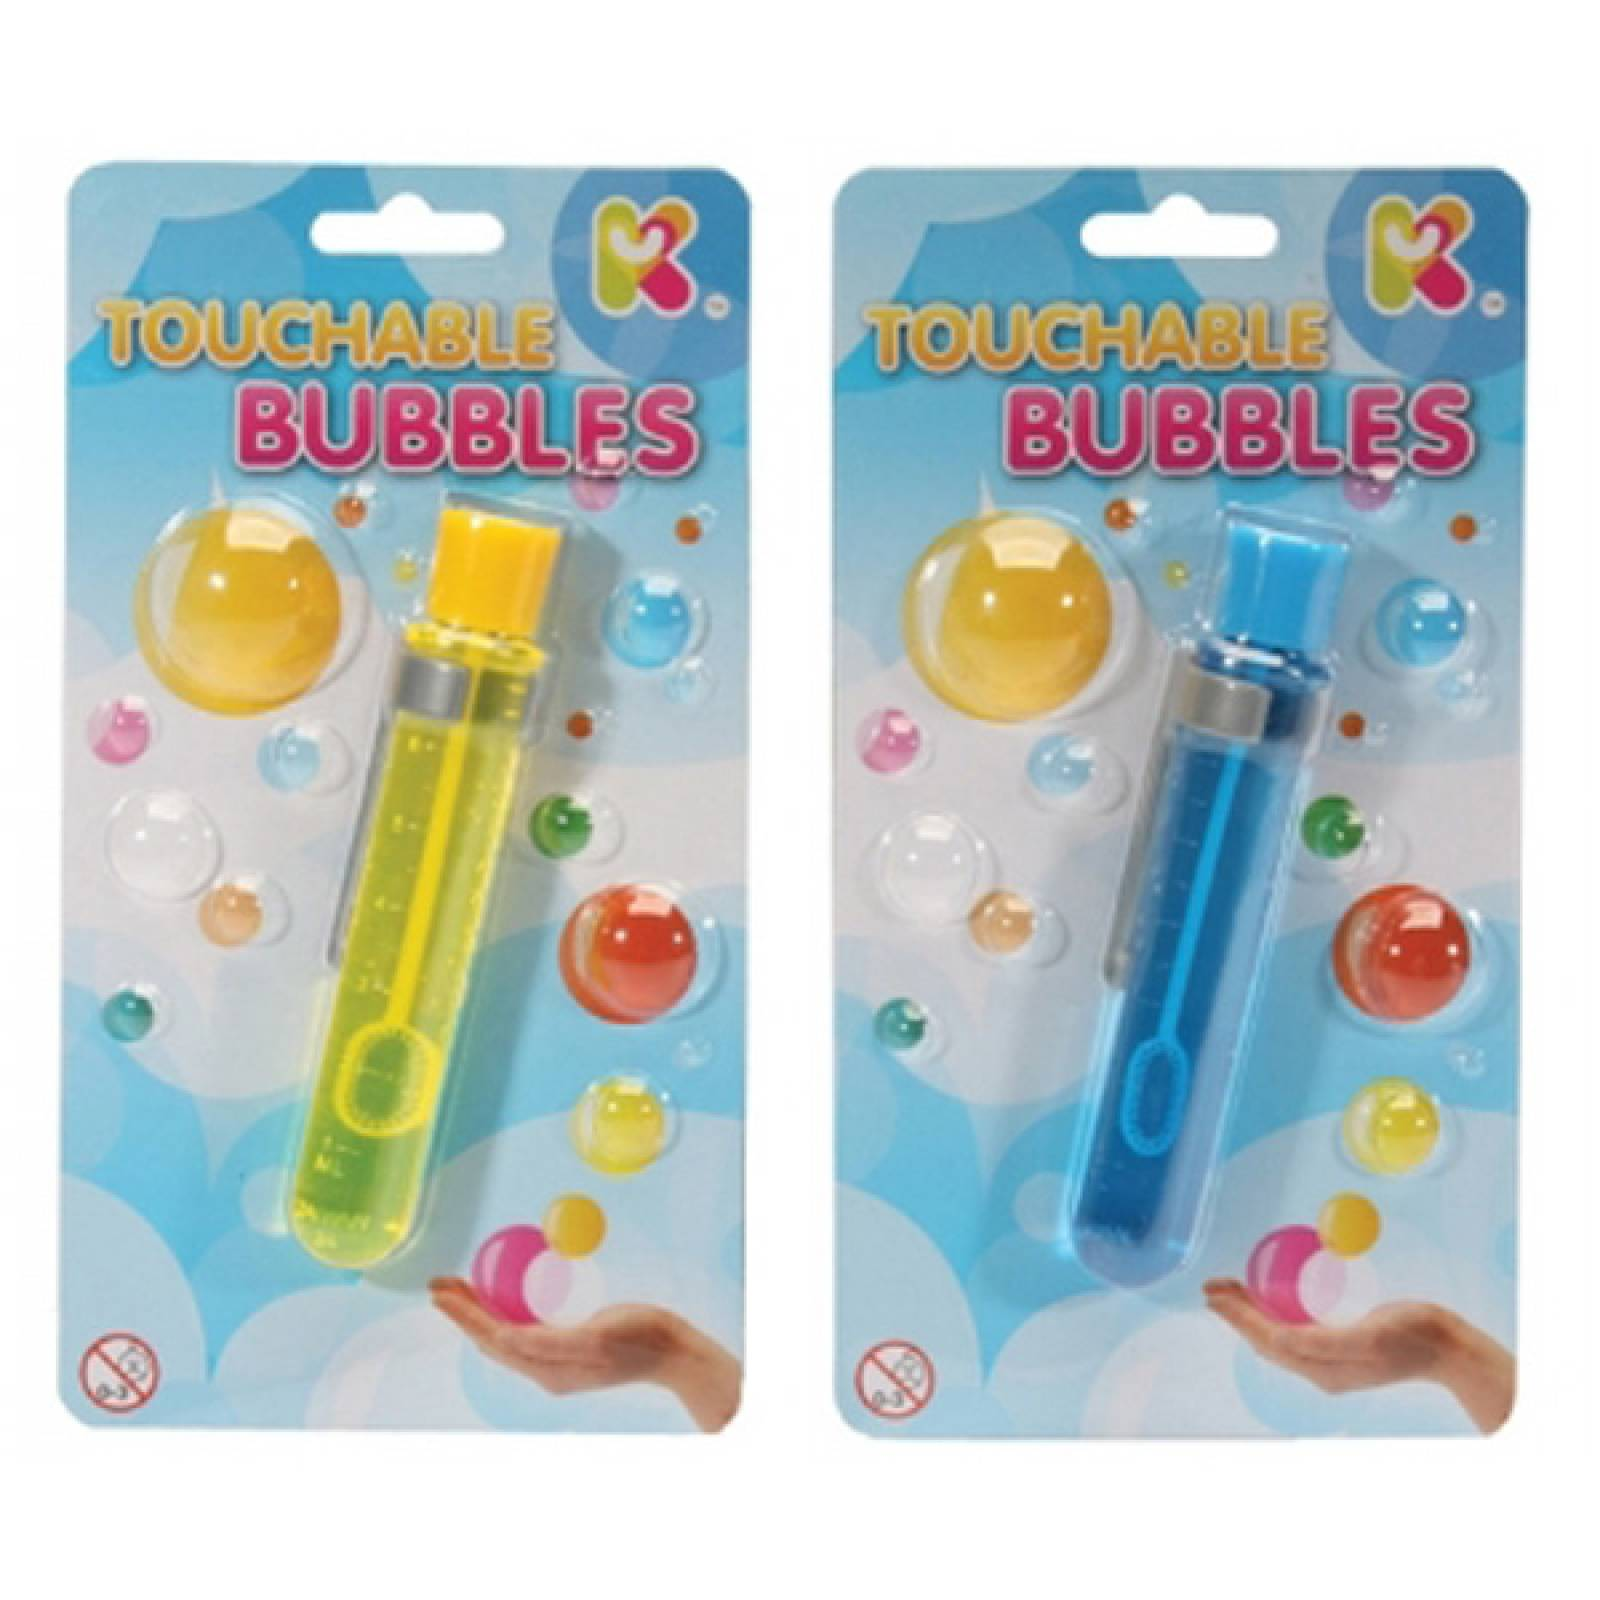 Touchable Bubbles Large 12cm